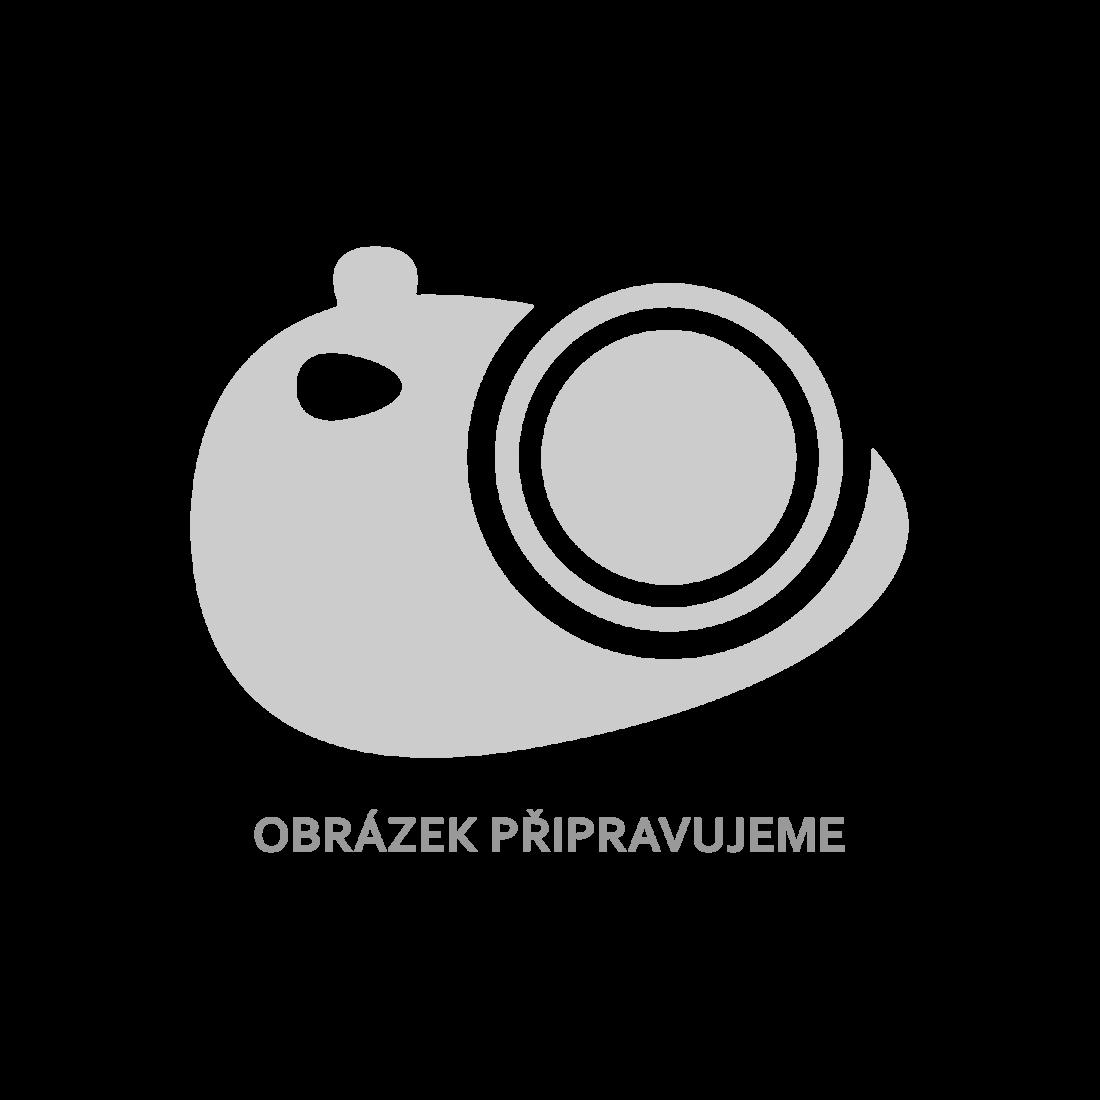 vidaXL Nástěnná police černá 45,1 x 16 x 45,1 cm dřevotříska [802949]